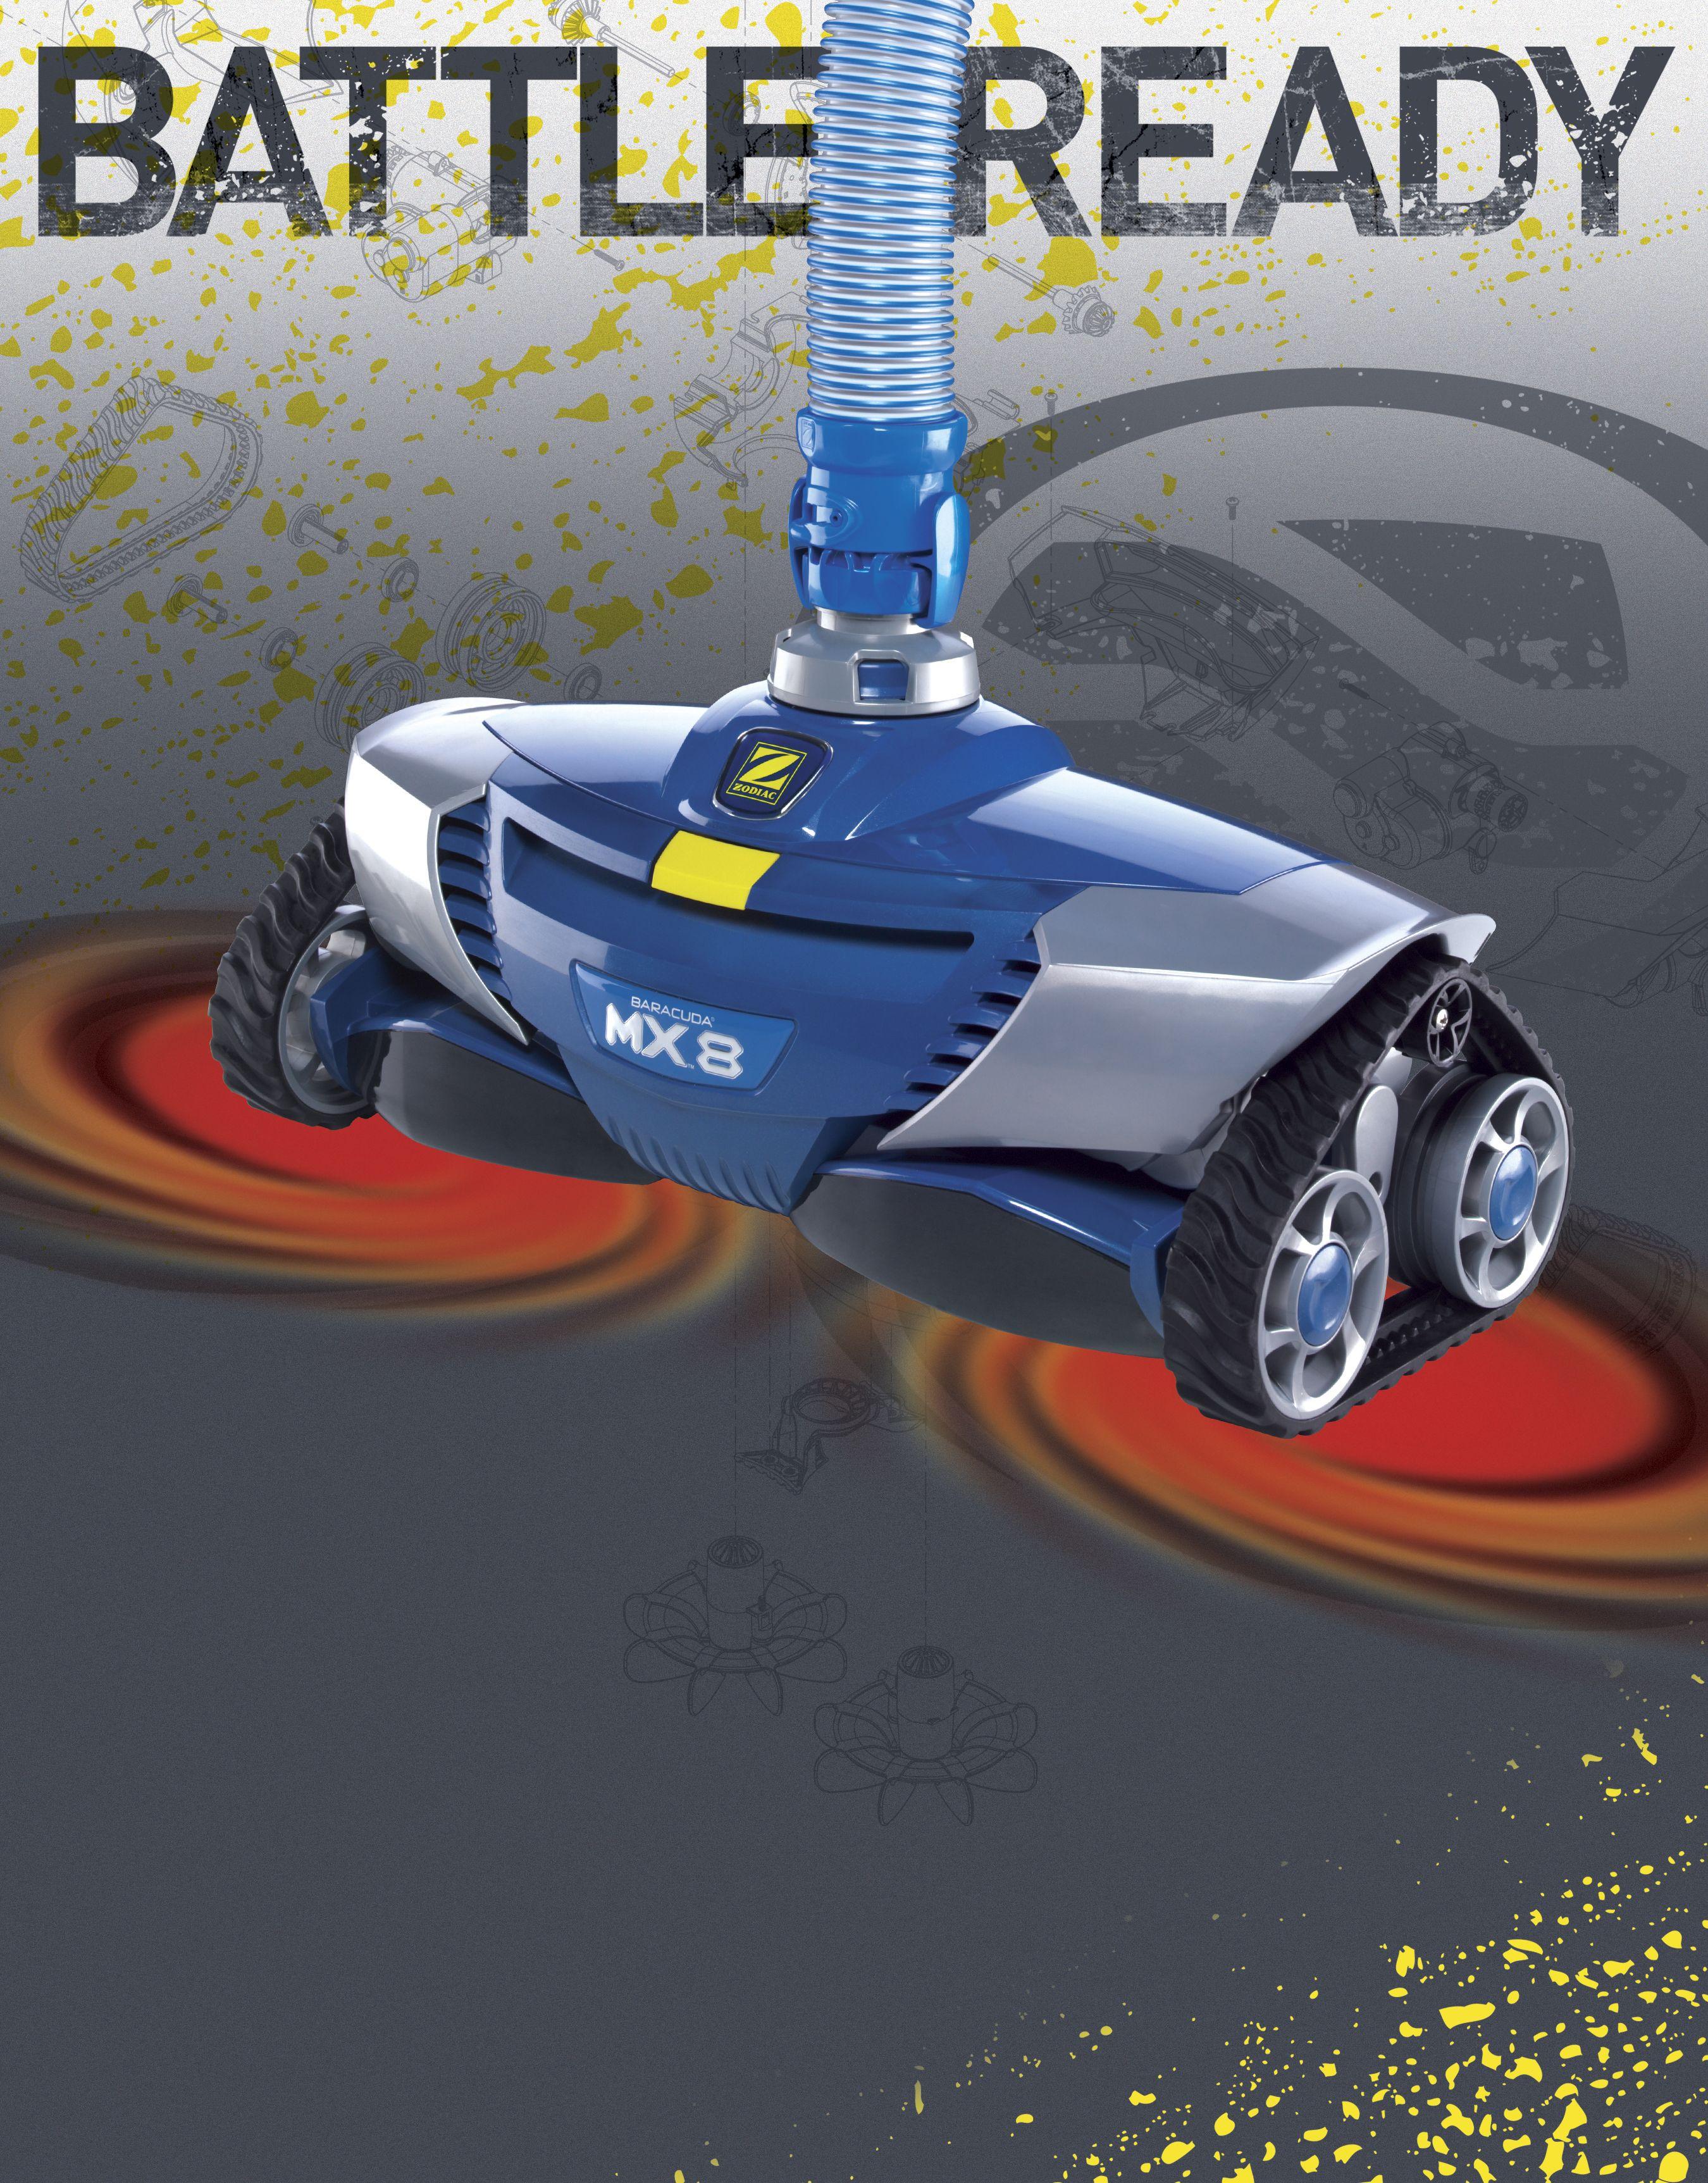 Zodiac Mx8 Limpiafondos Automatico Piscina Con Imagenes Conexiones Electricas Piscinas Navegacion